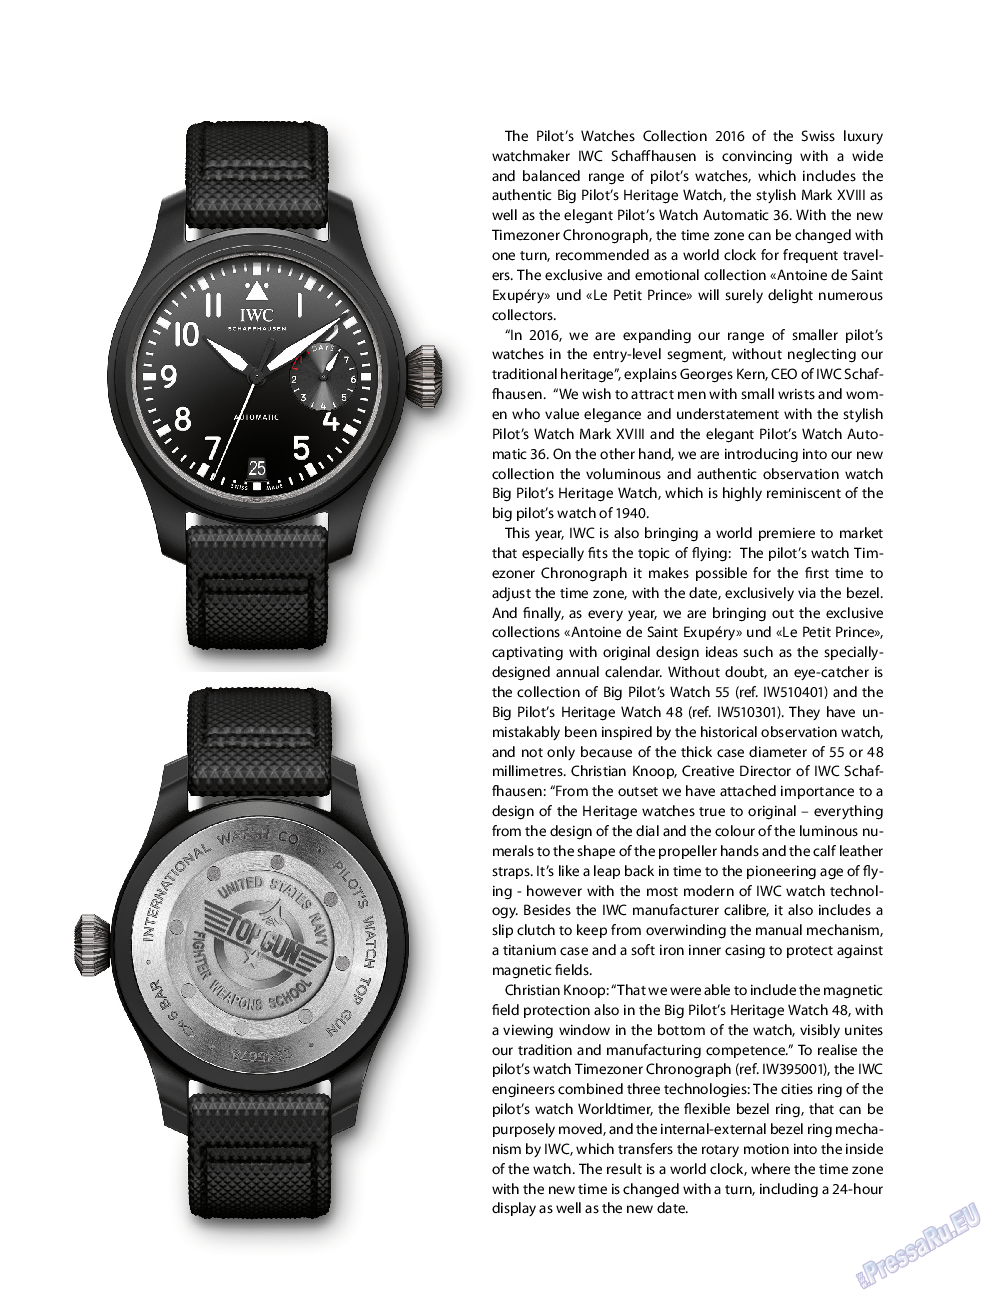 Клан (журнал). 2016 год, номер 10, стр. 130